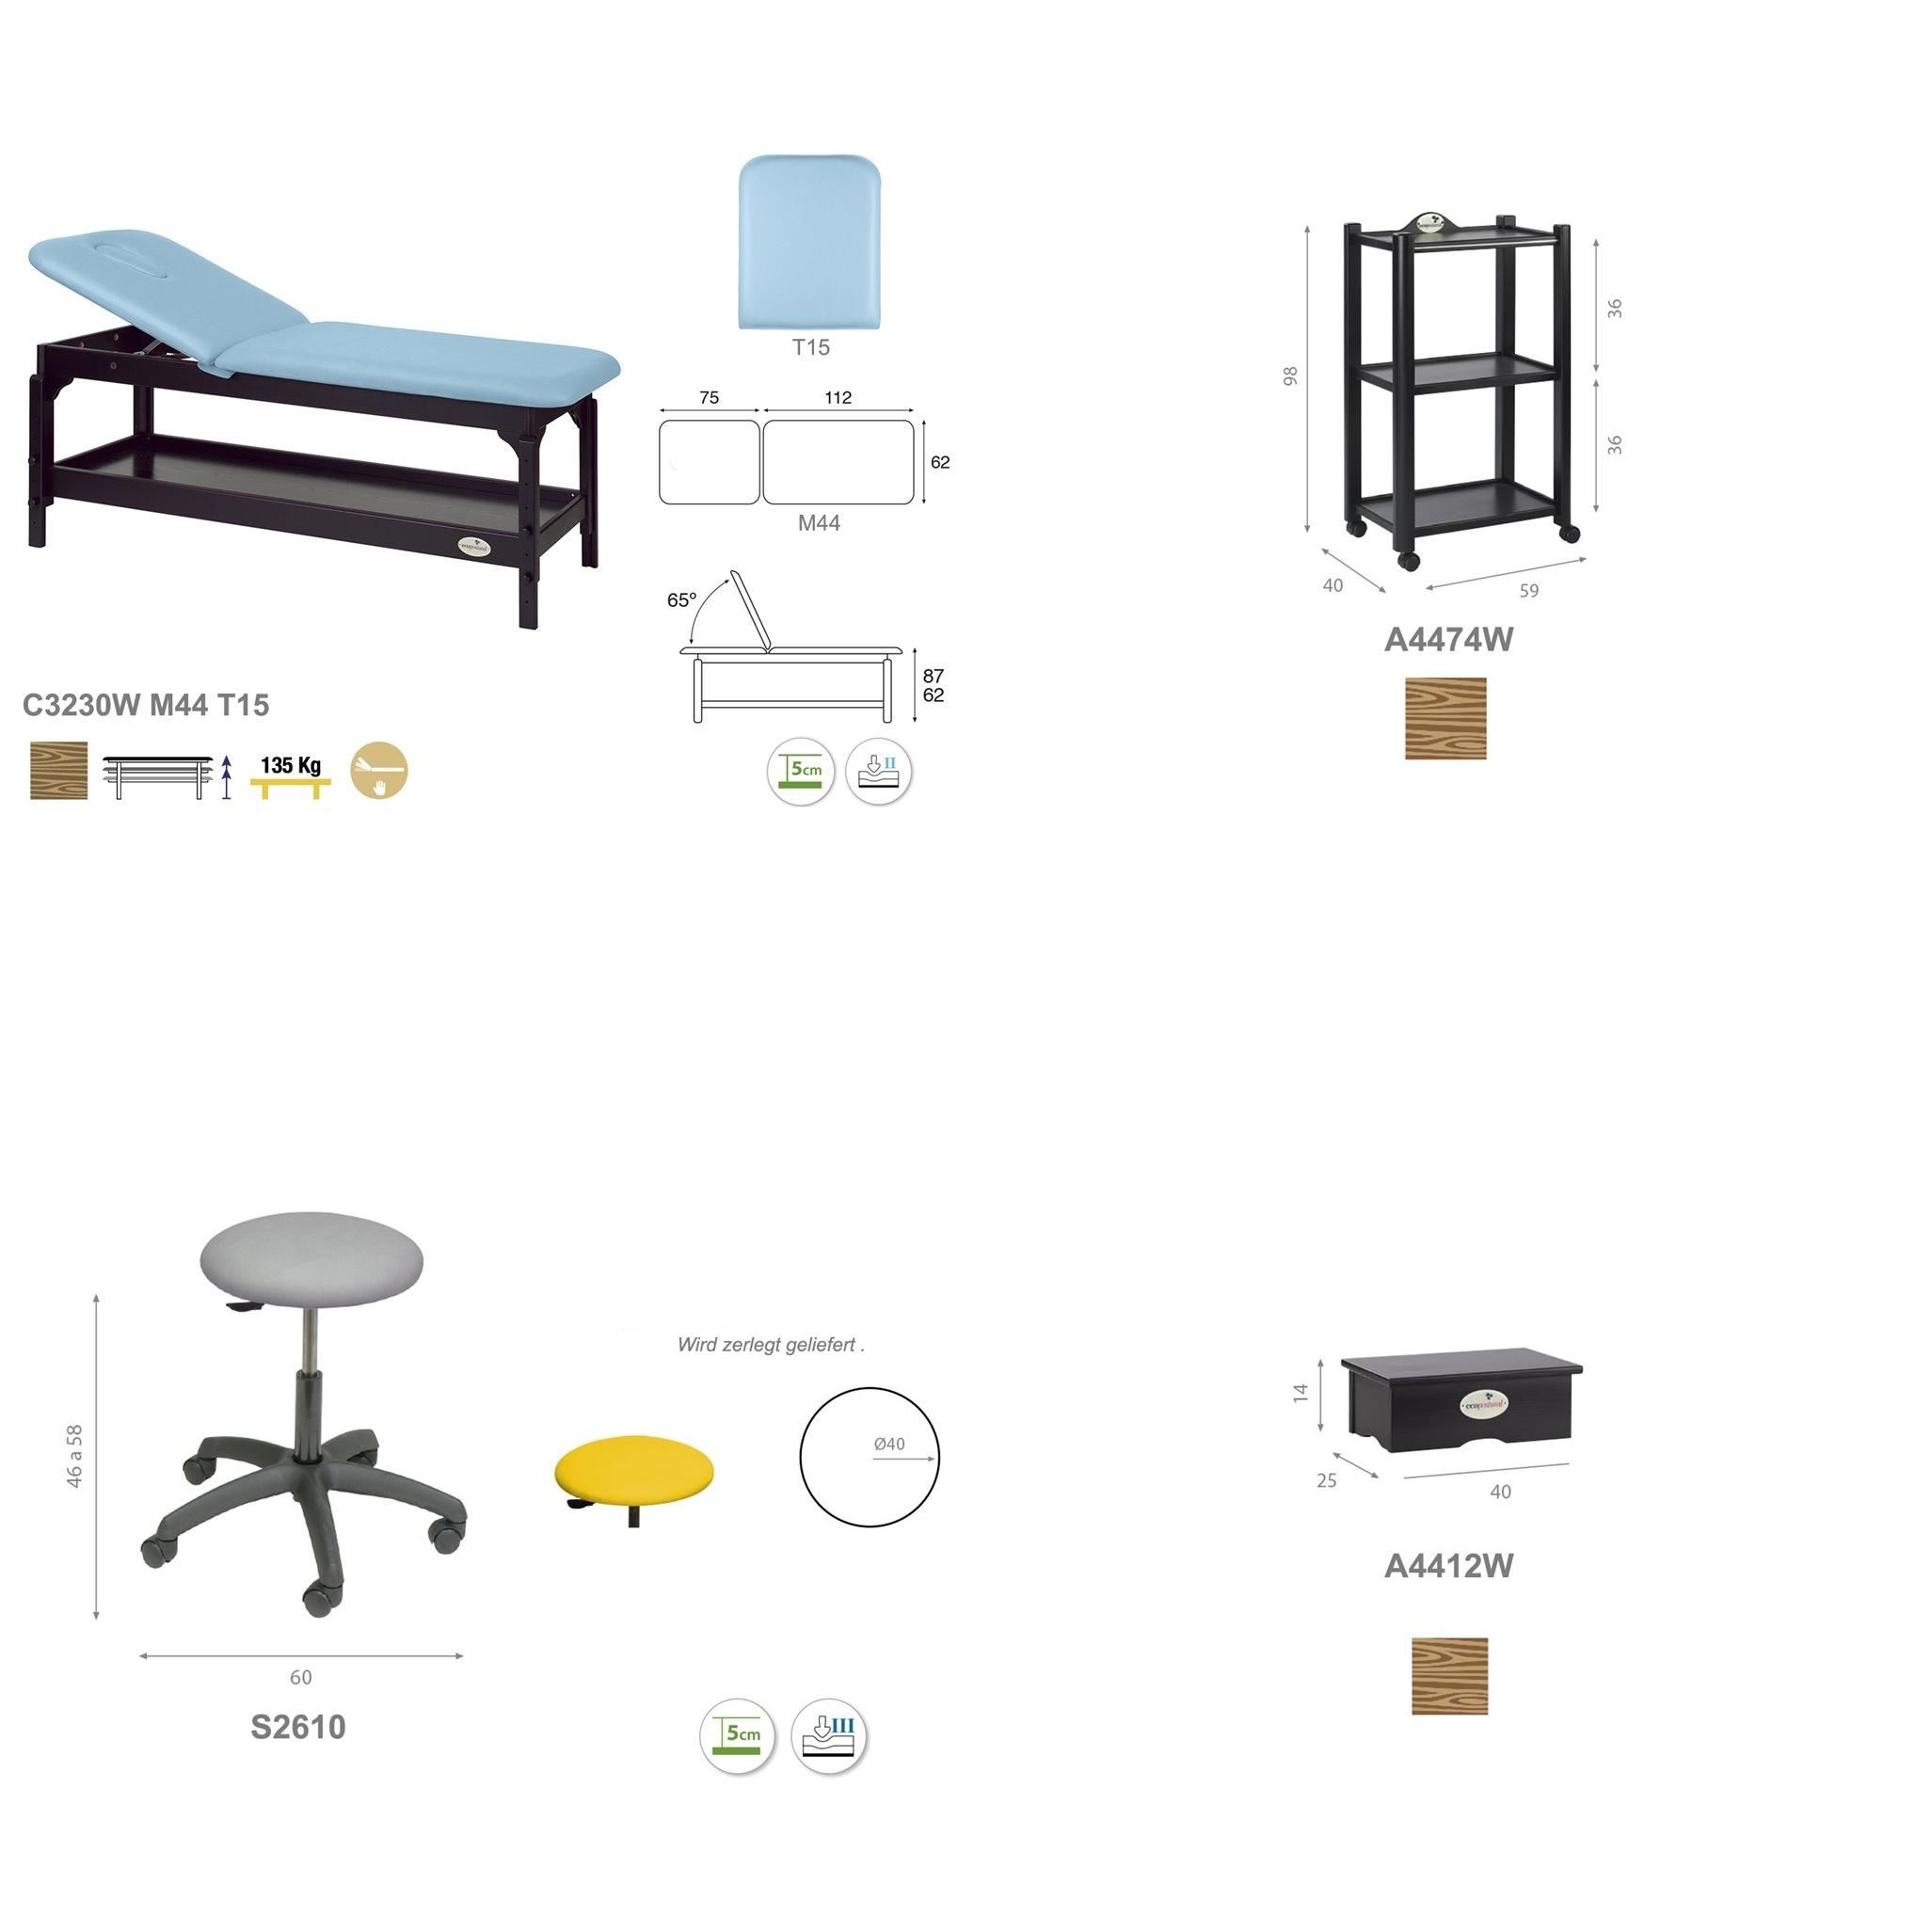 Einrichtungs-Set PACK03W im Detail.  - Technische Details | Ecopostural